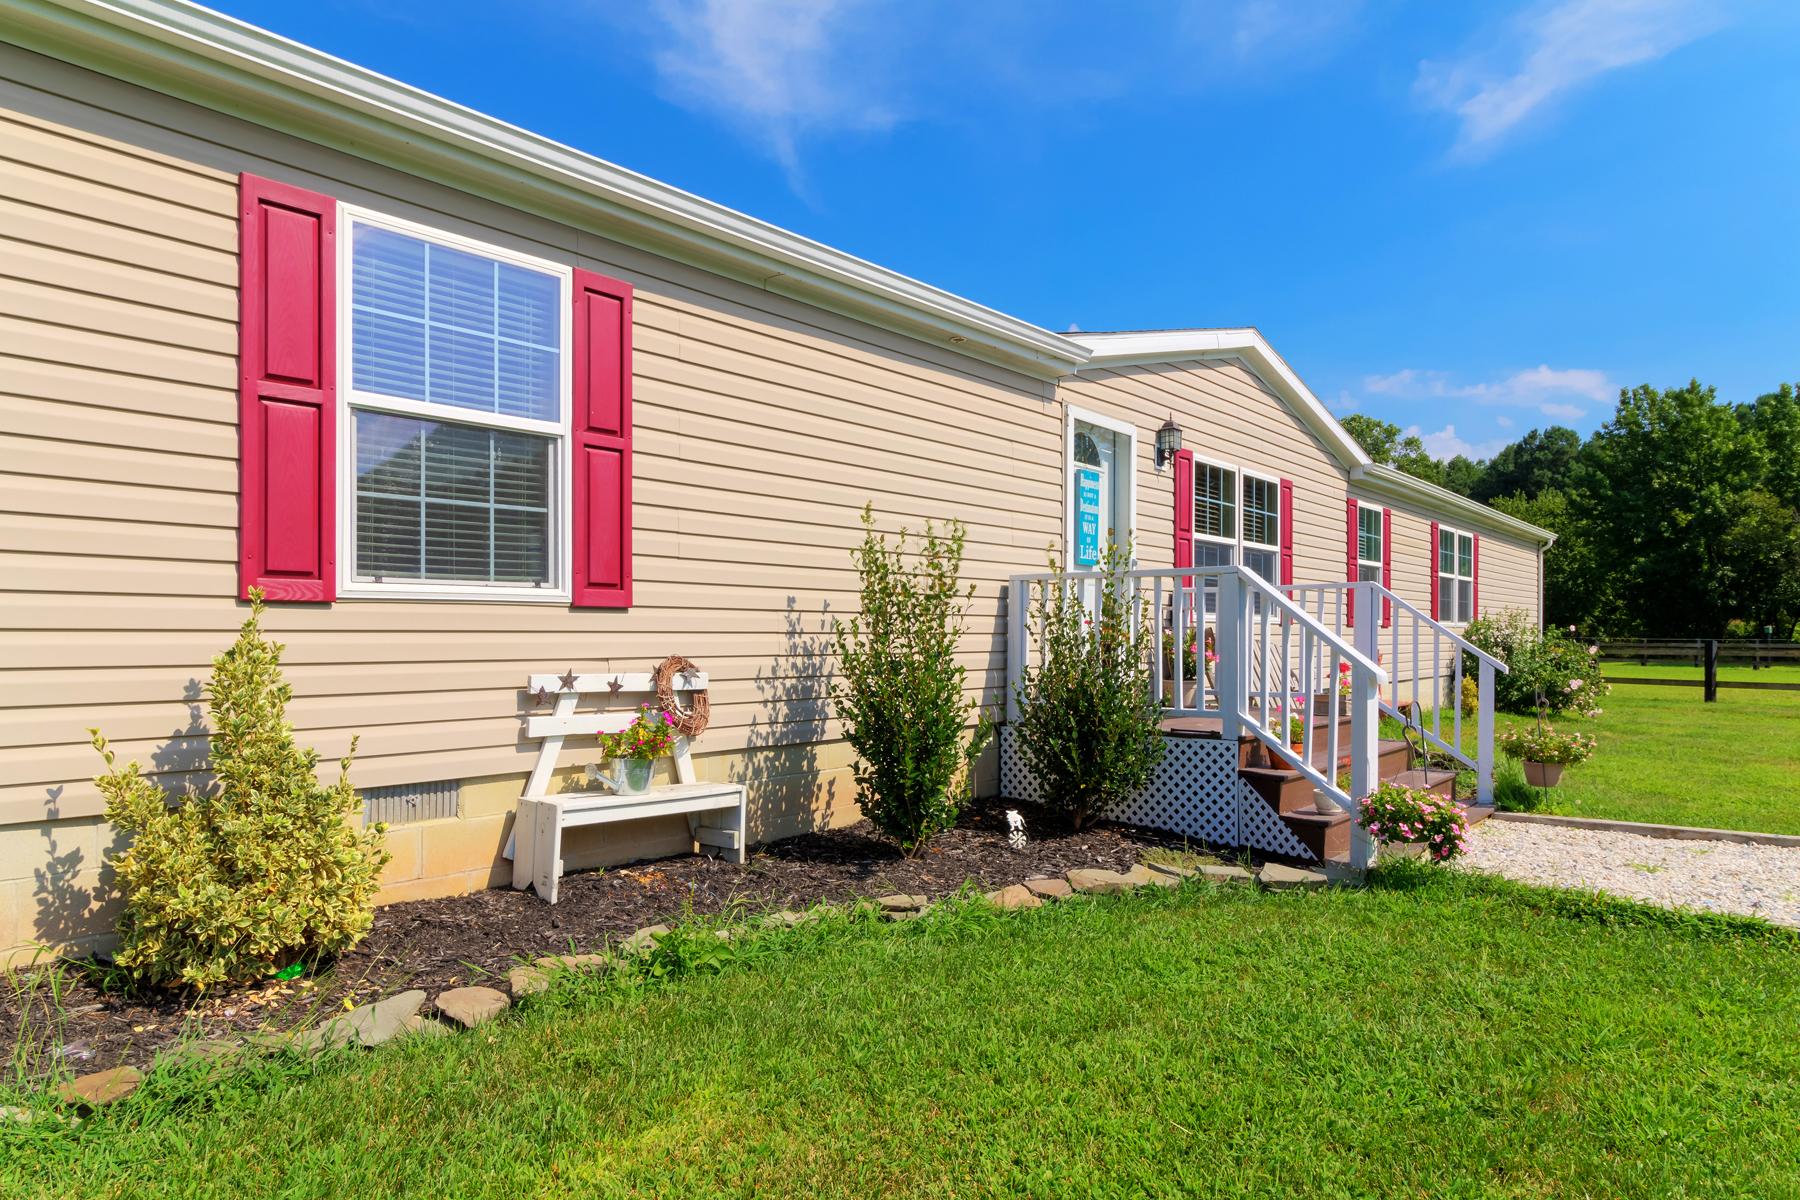 Частный односемейный дом для того Продажа на 36255 Circle J Farm Rd , Selbyville, DE 19975 36255 Circle J Farm Rd Selbyville, Delaware 19975 United States